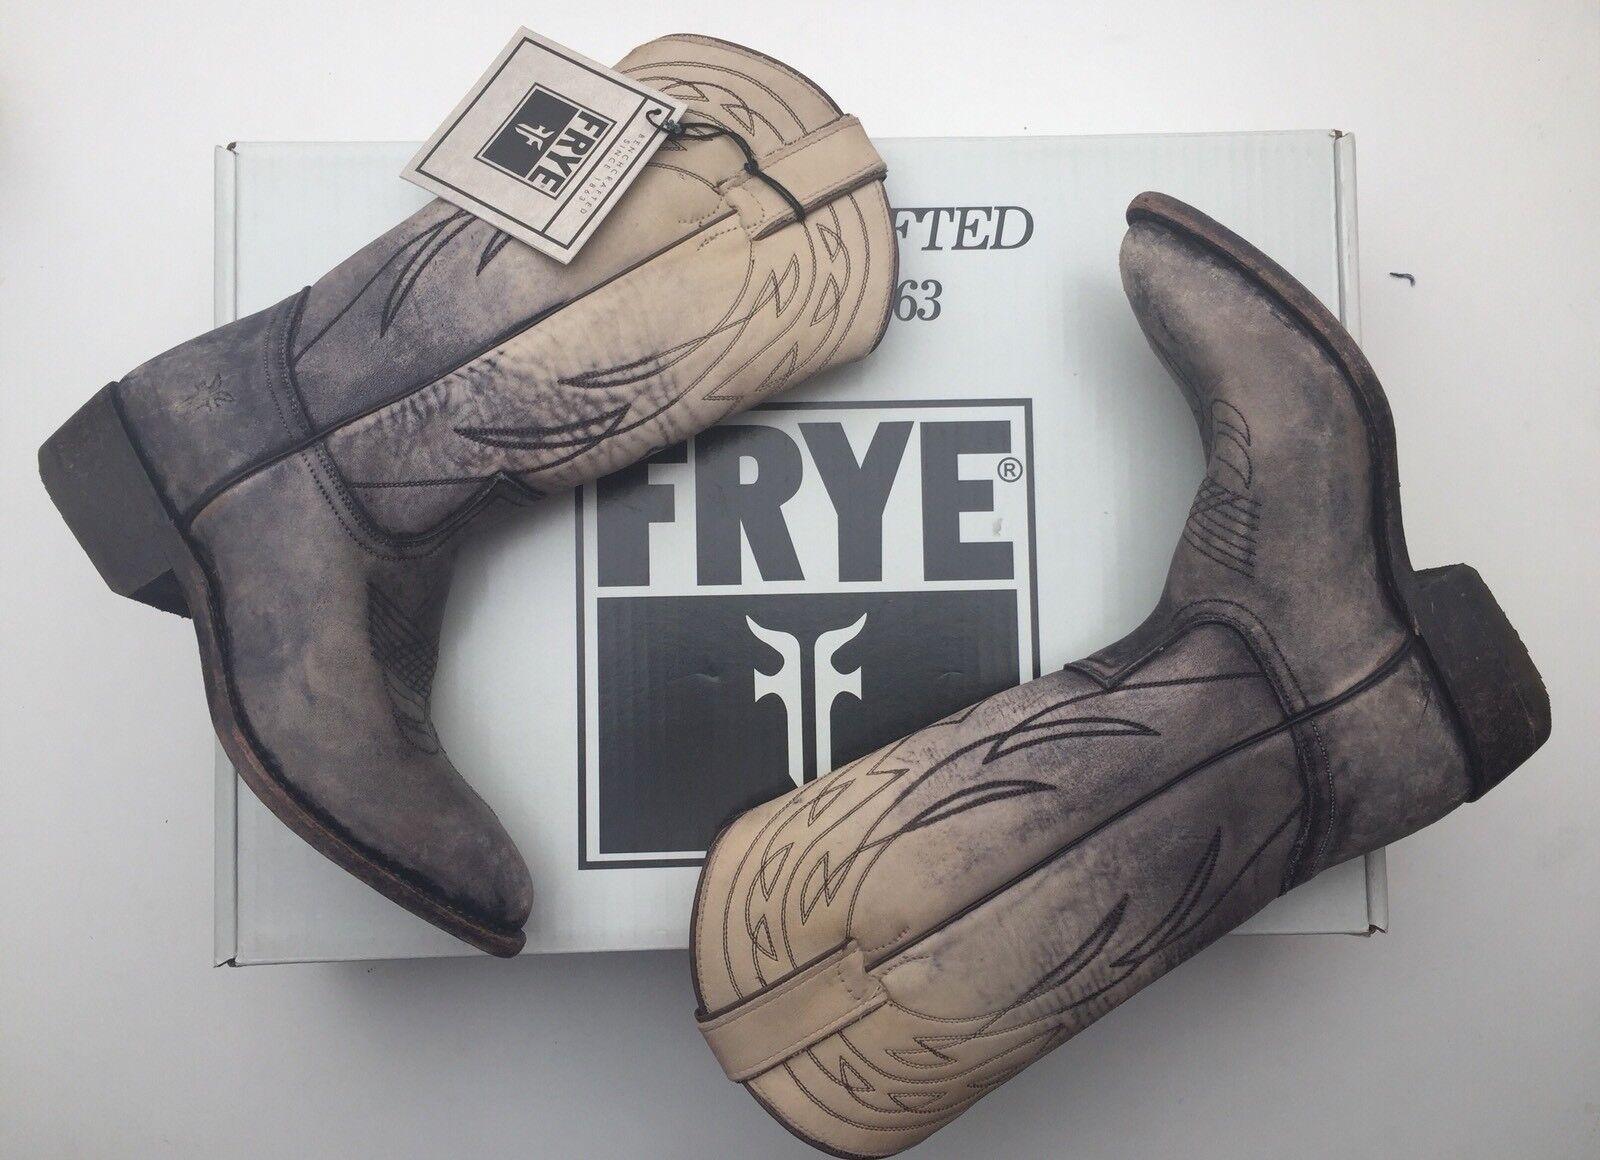 BNIB Authentic FRYE BILLY PULL ON Cowboy Stiefel Stone 77713 5 Guaranteed Original